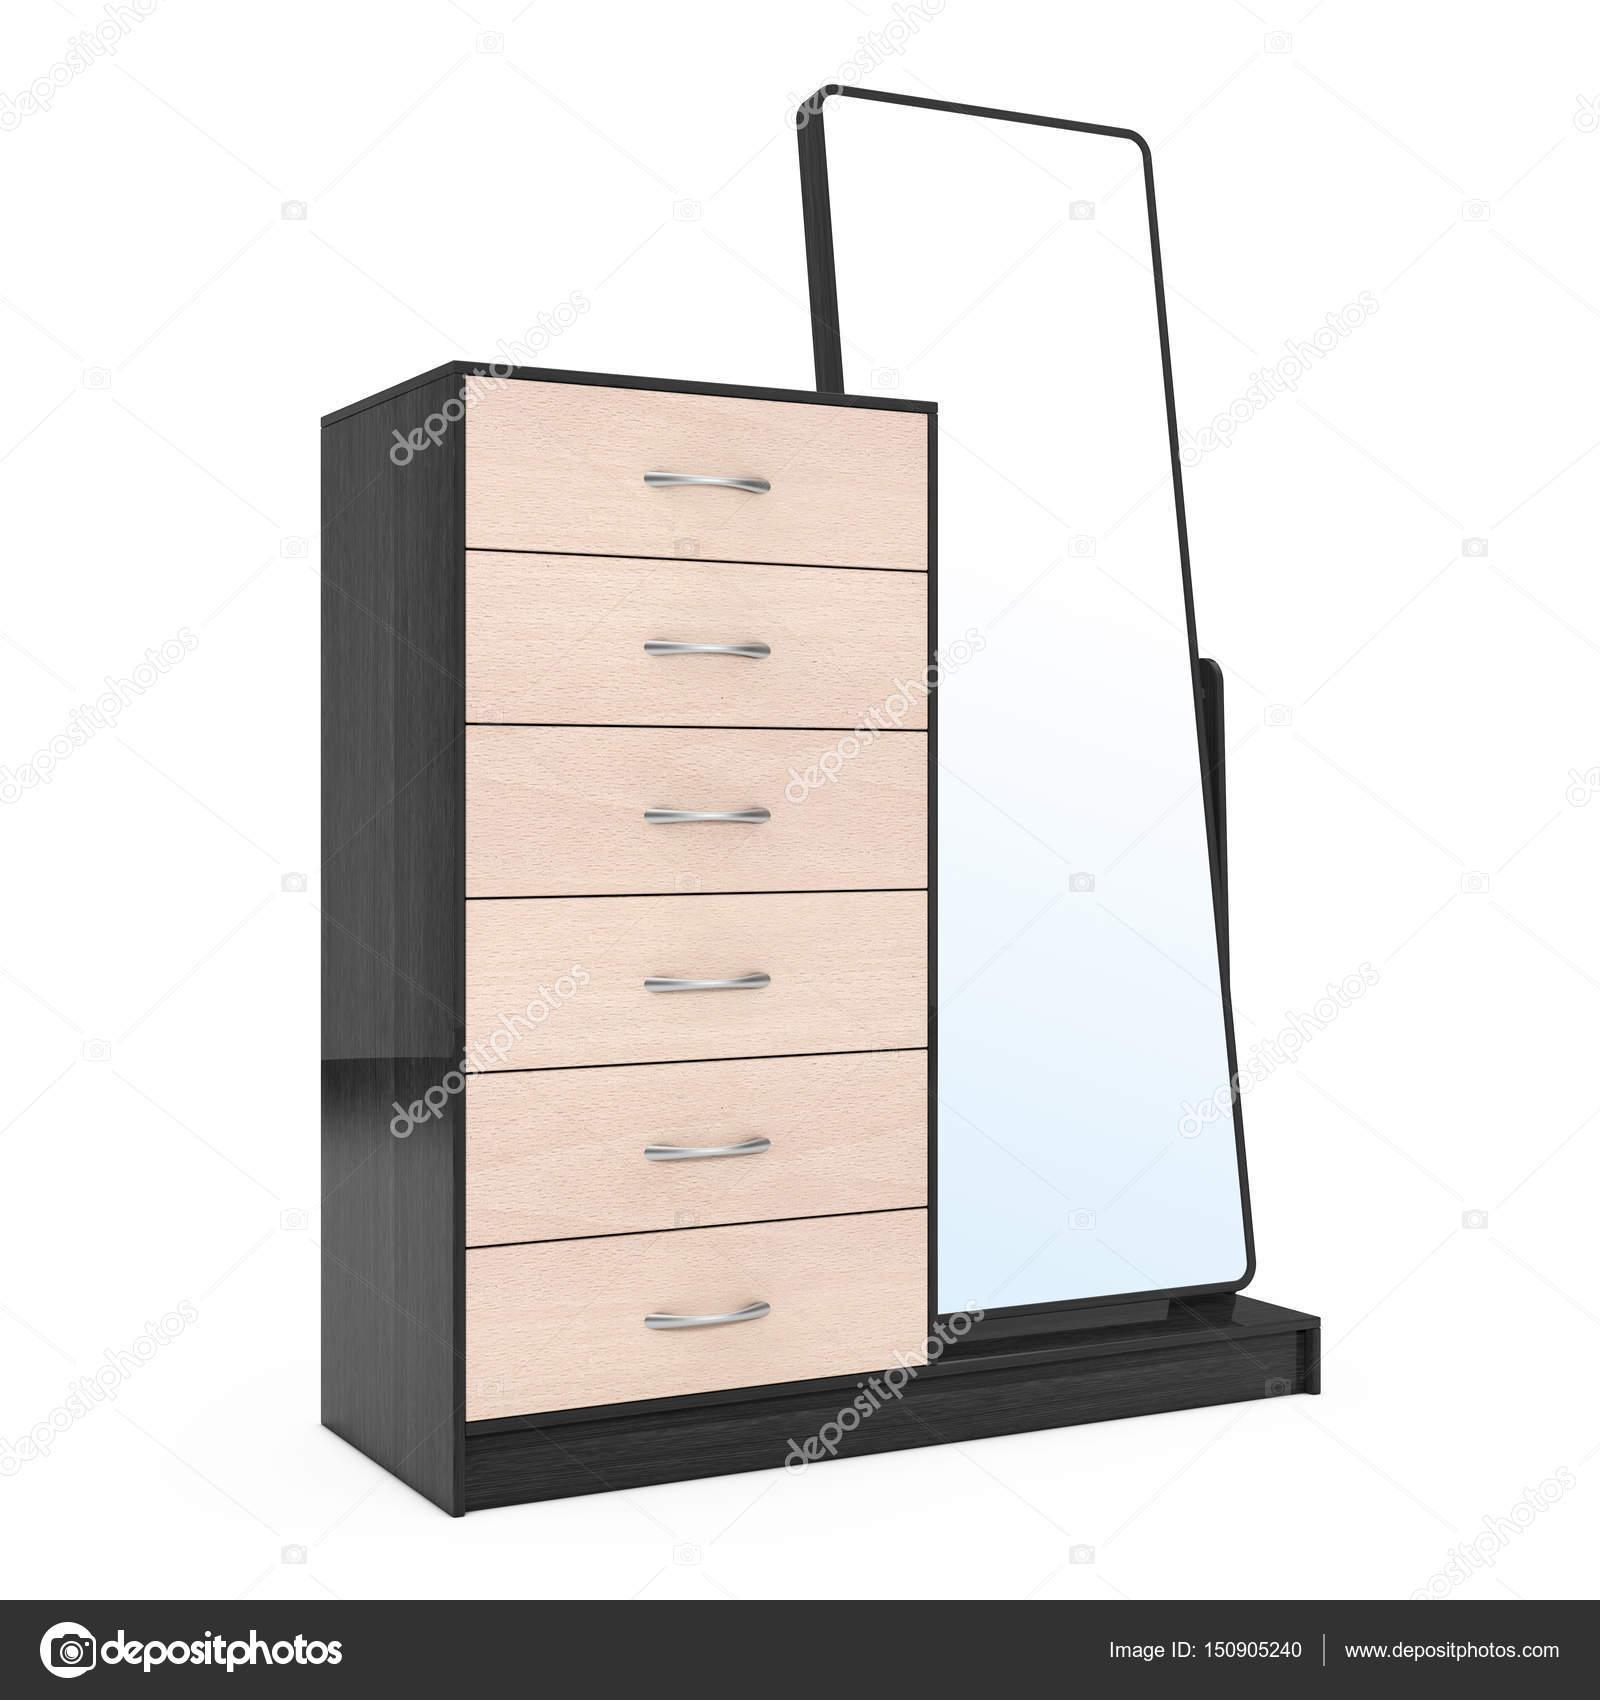 Moderne Houten Dressoir.Moderne Houten Dressoir Met Spiegel 3d Rendering Stockfoto